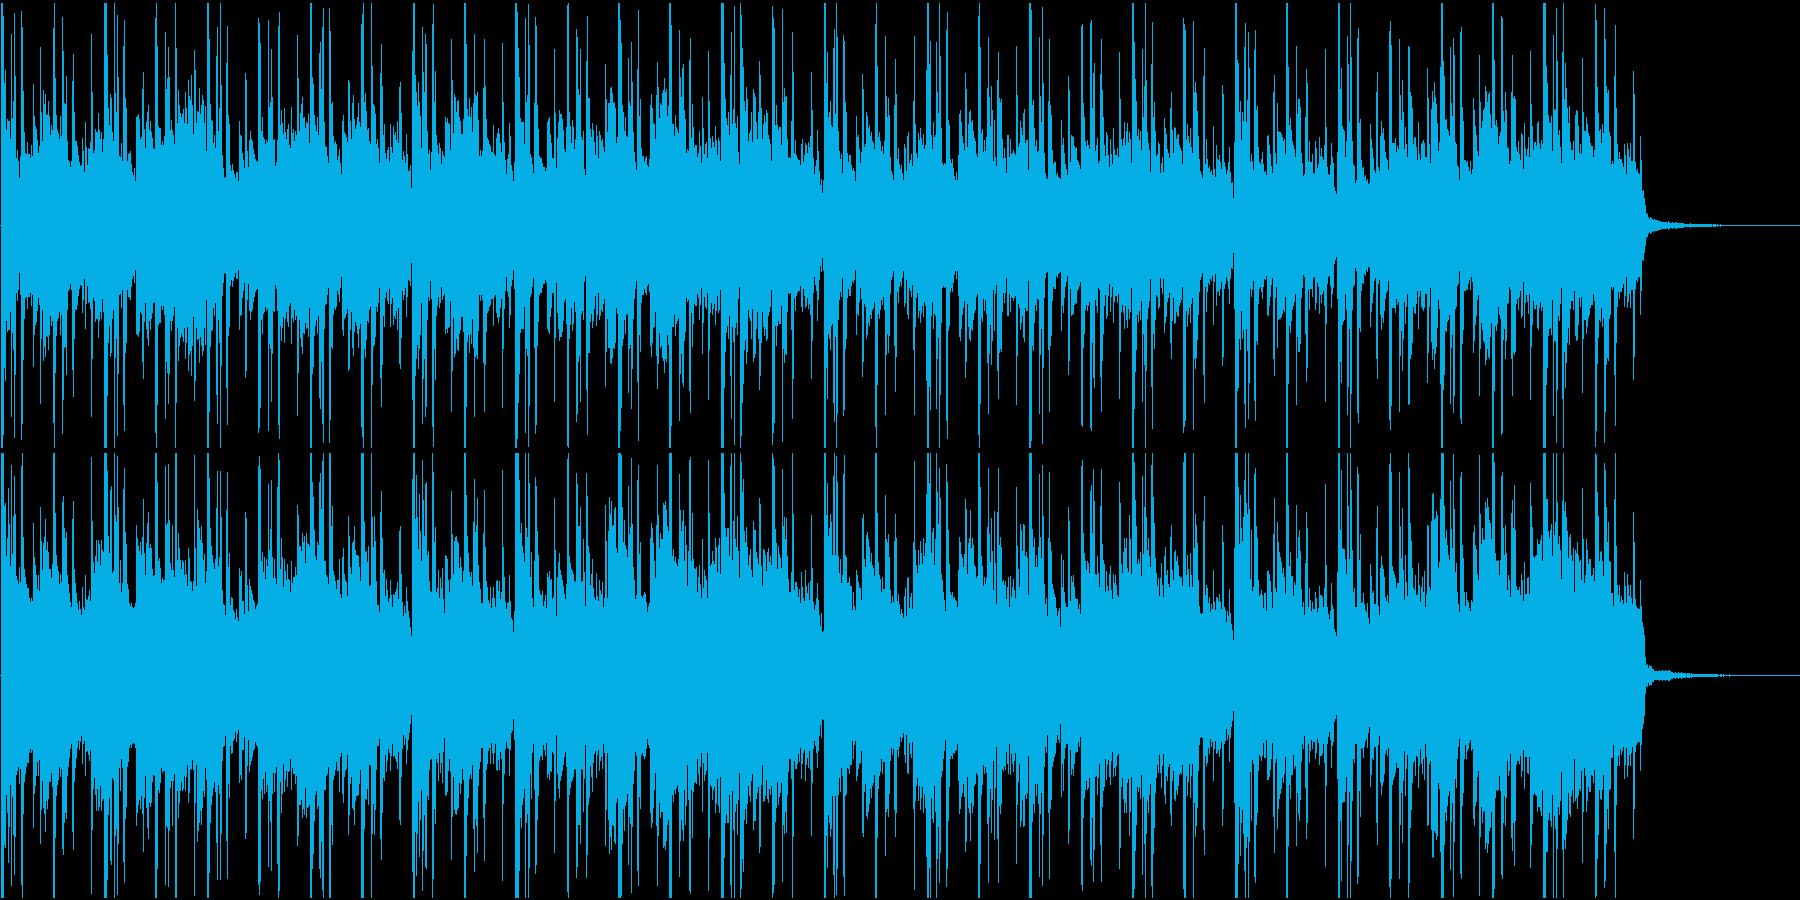 差をつけるBGM(HIPHOPJAZZ)の再生済みの波形